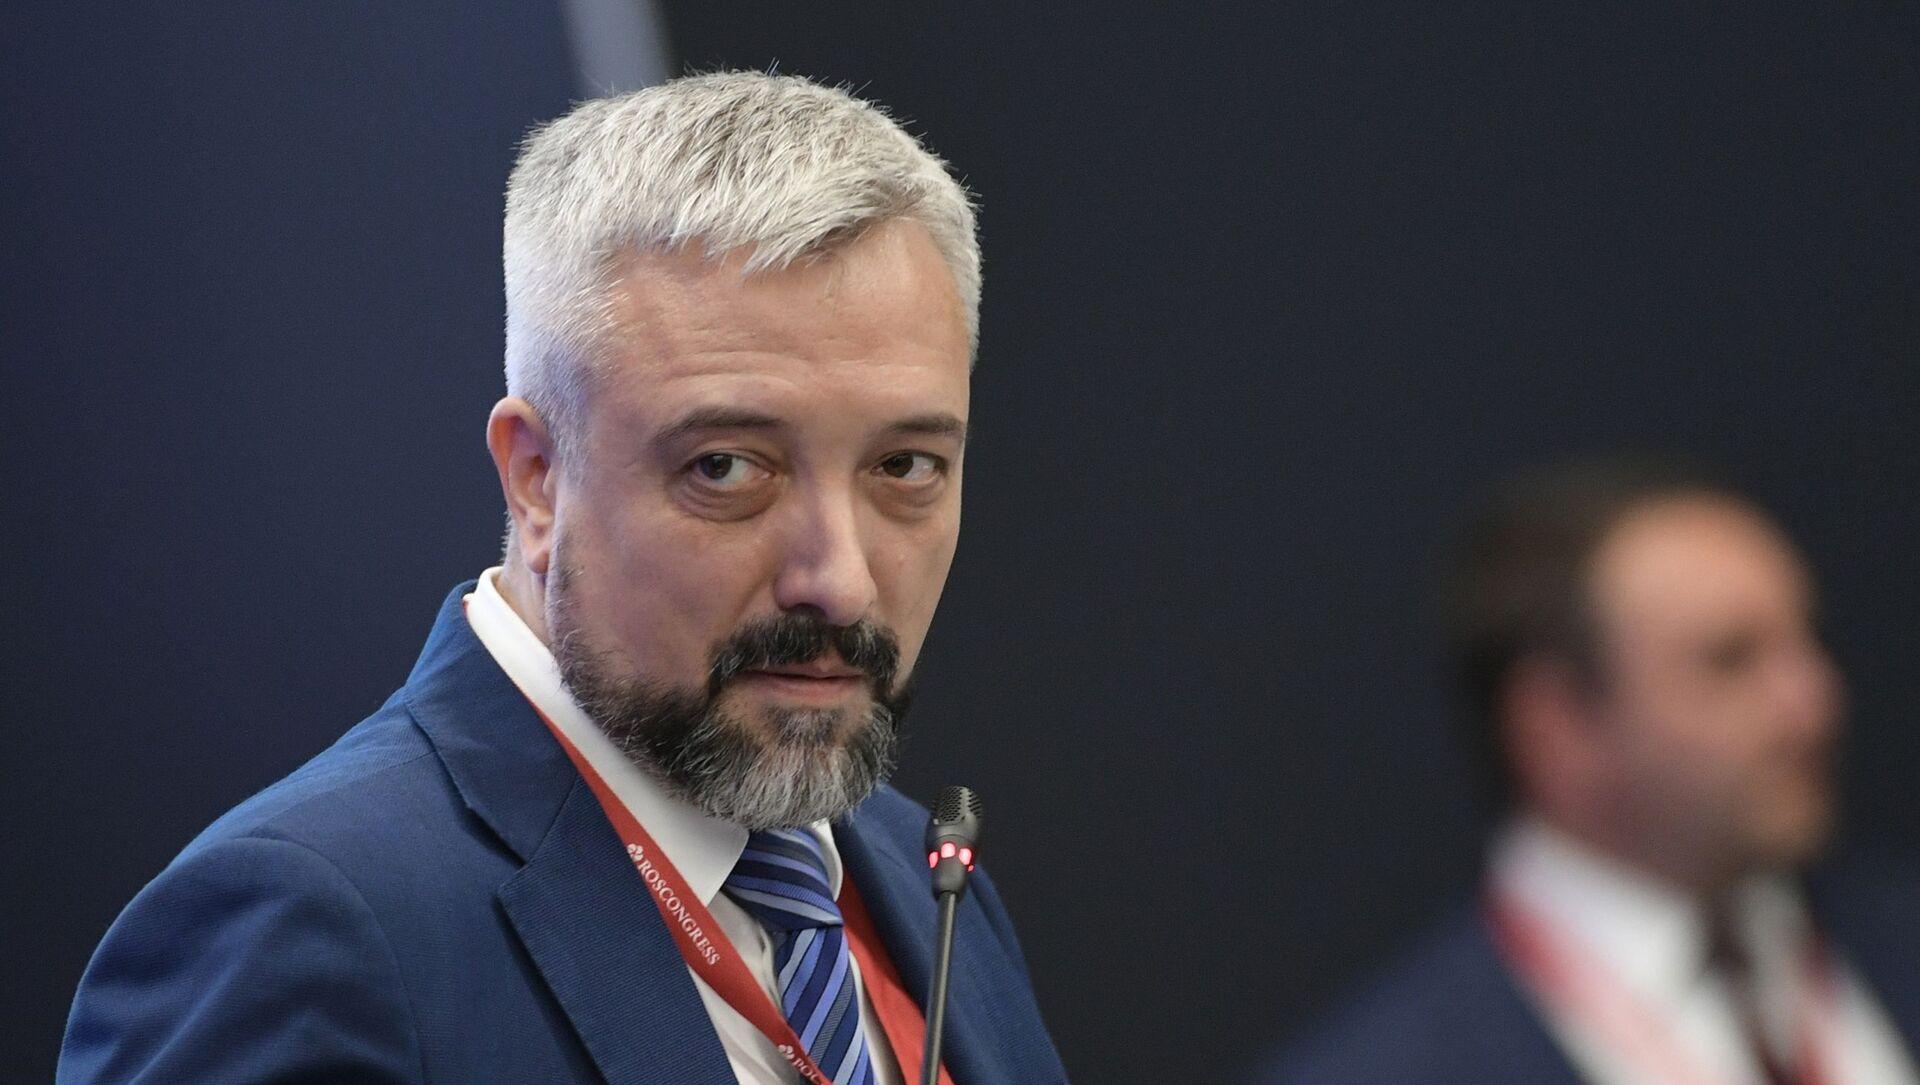 Глава Россотрудничества Евгений Примаков  - Sputnik Беларусь, 1920, 27.05.2021